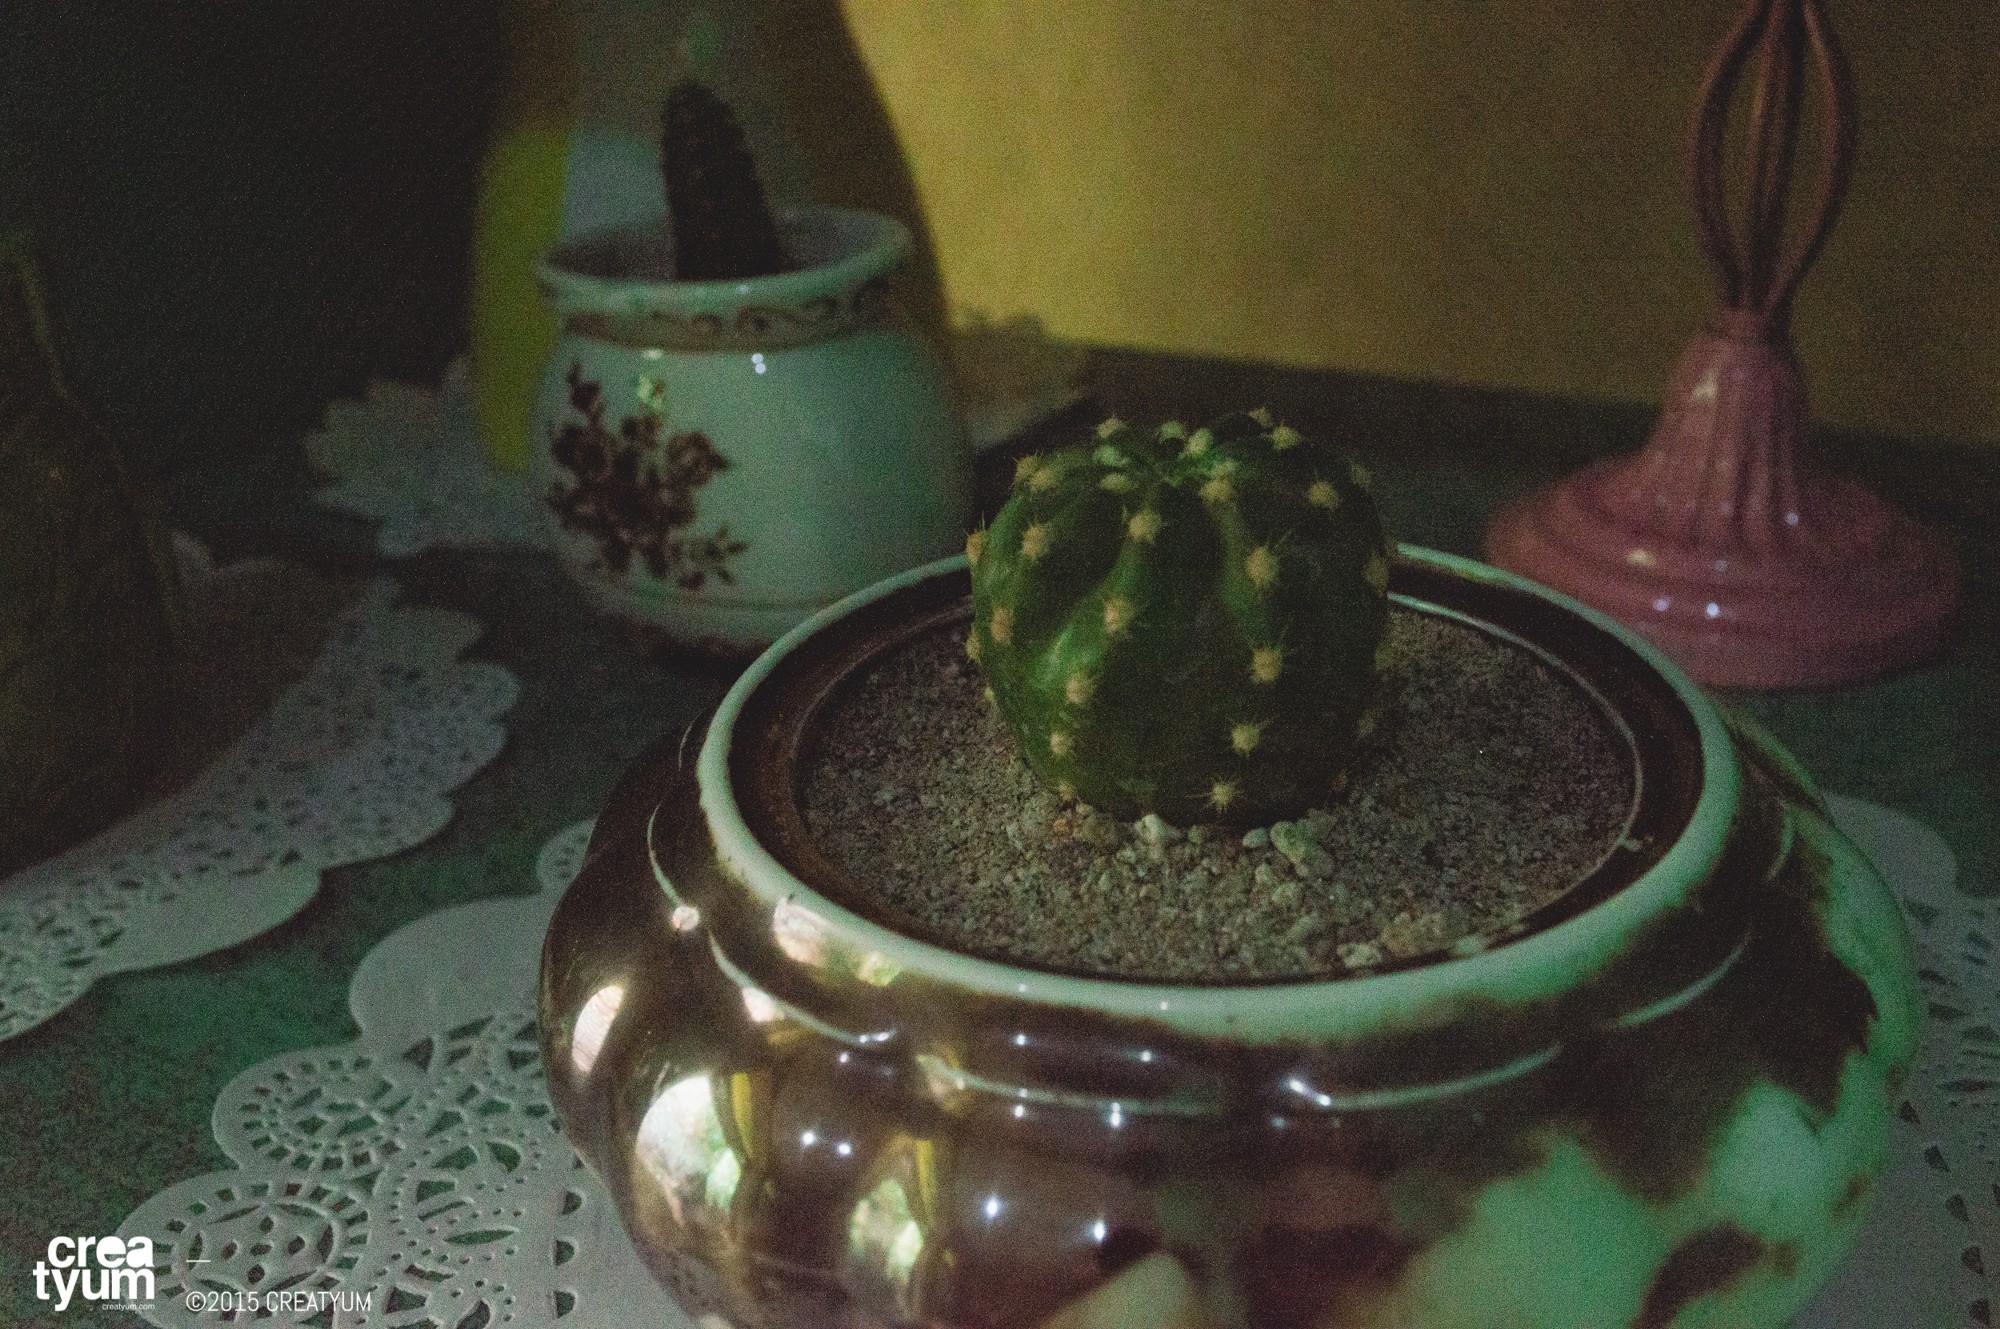 creatyum-cacti-love-02